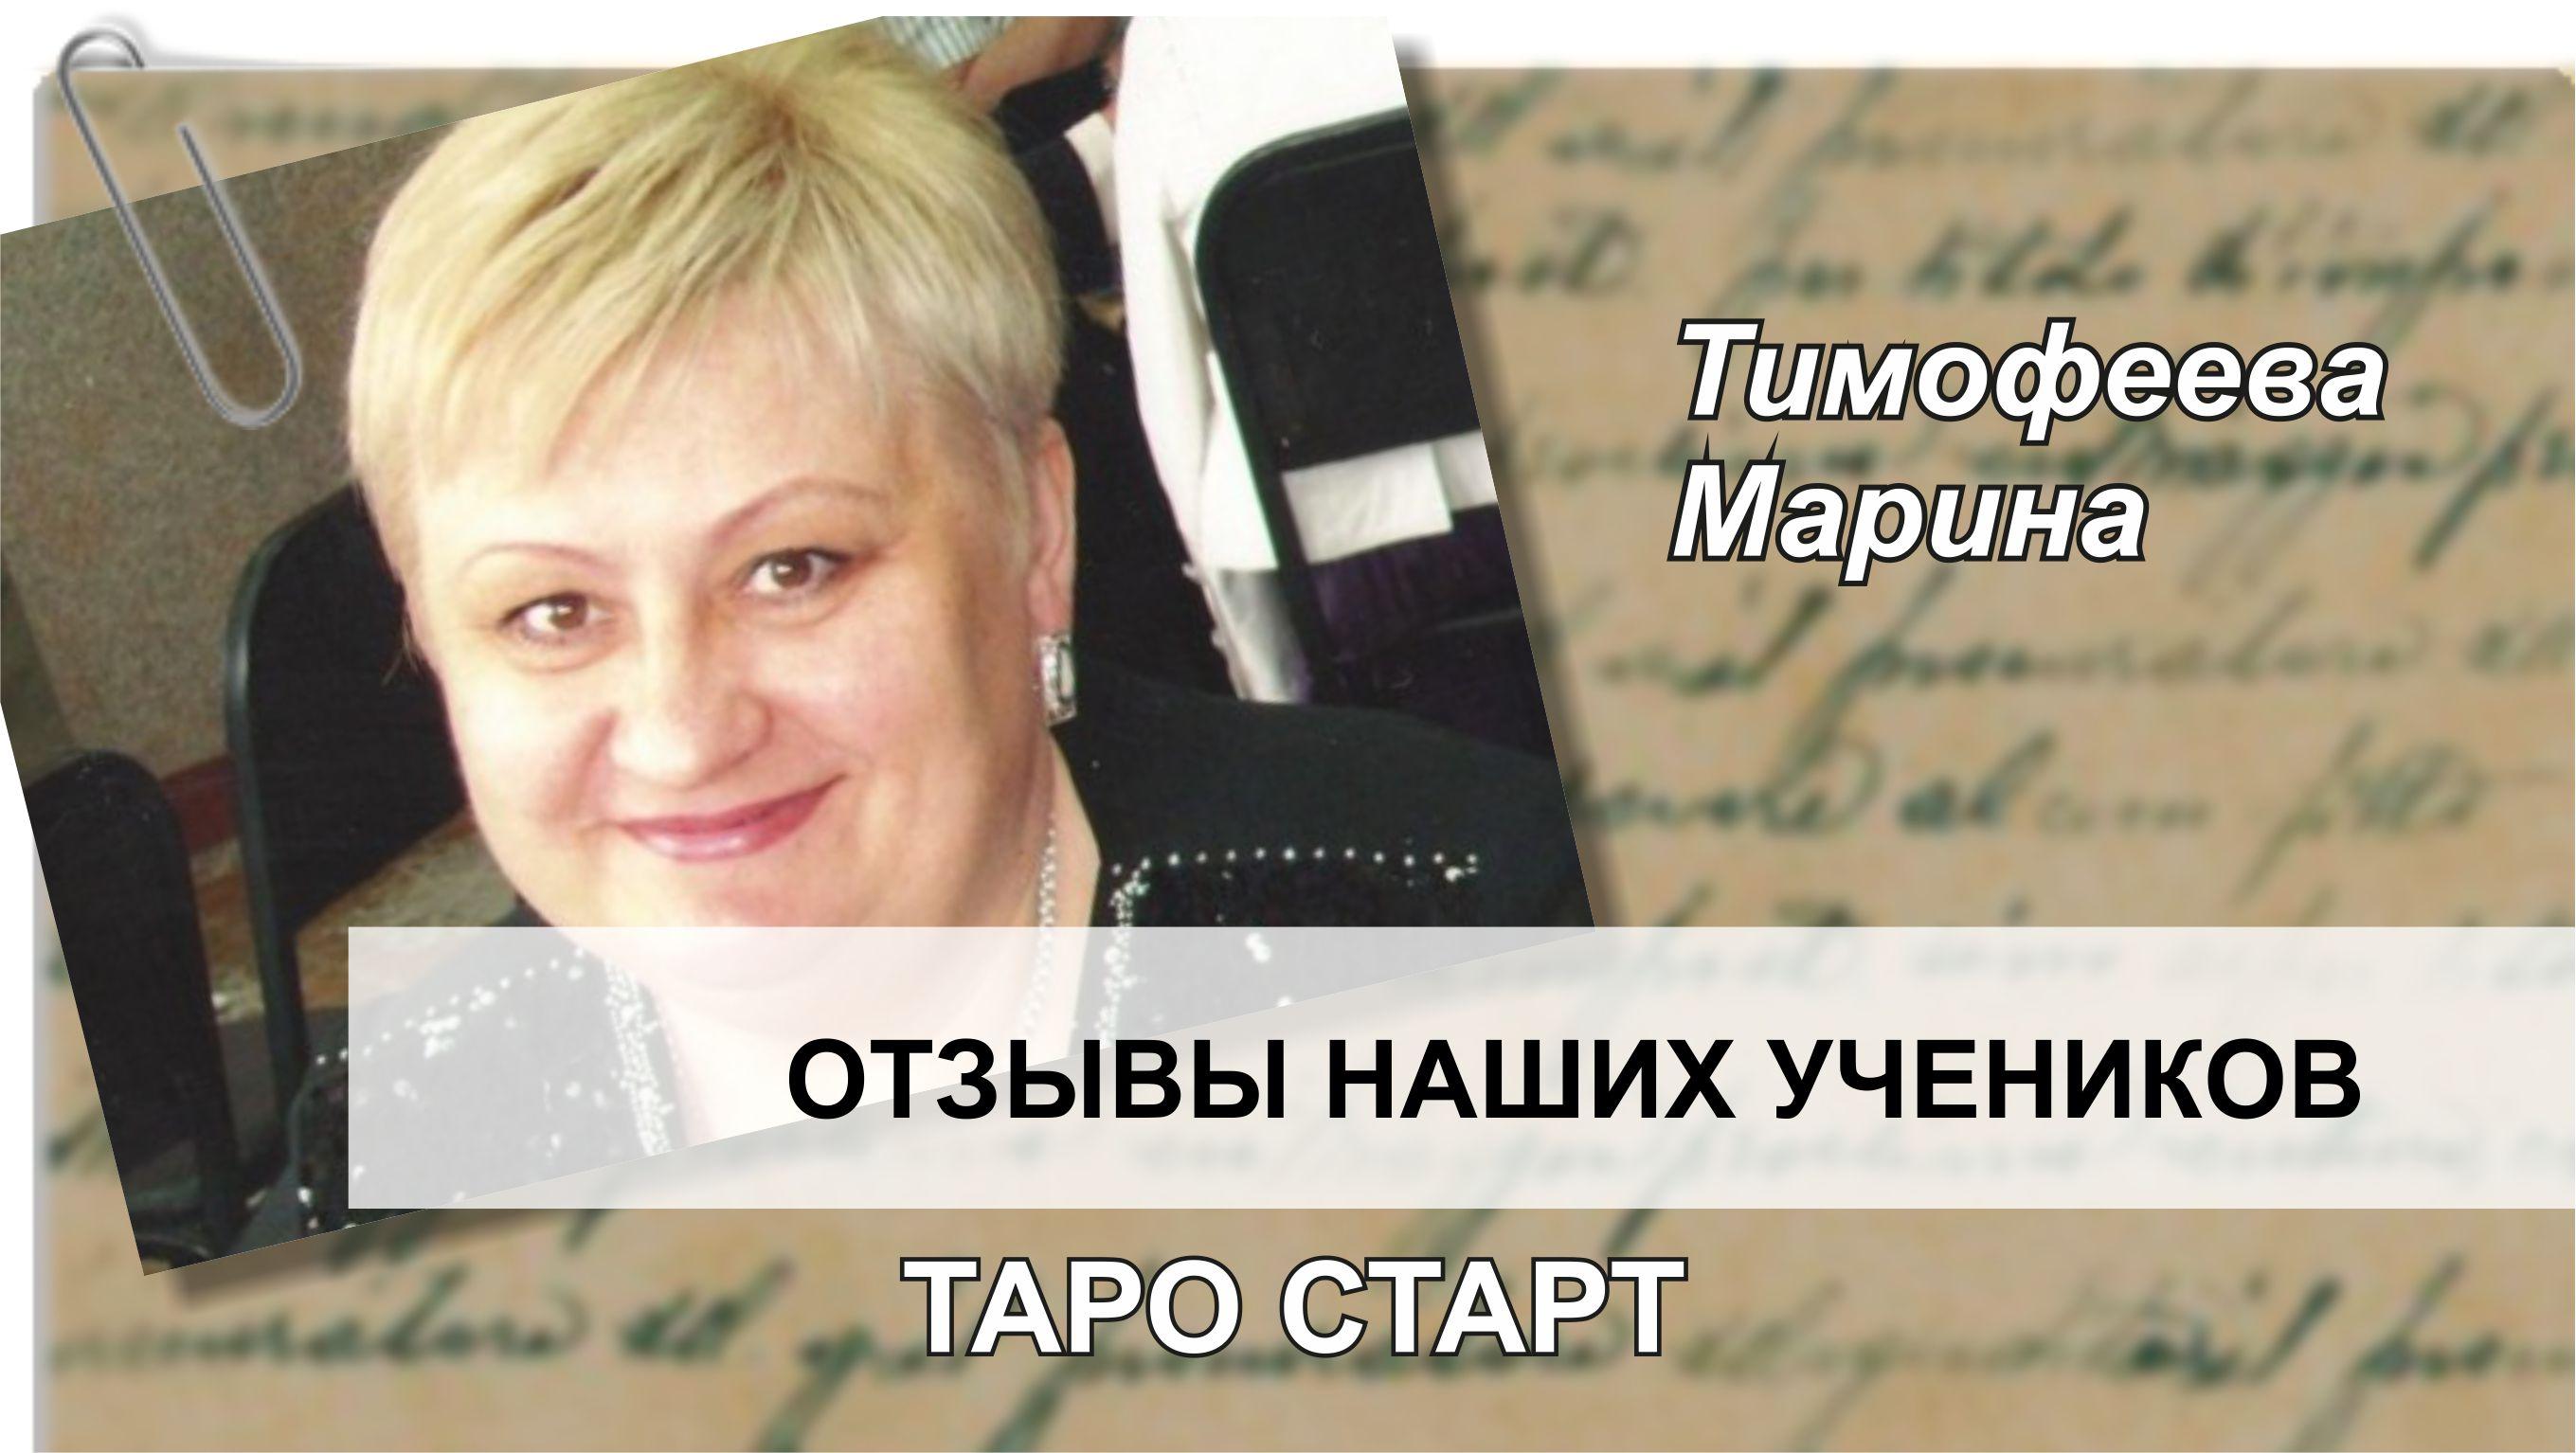 Тимофеева Марина делится впечатлениями после курса Таро Старт